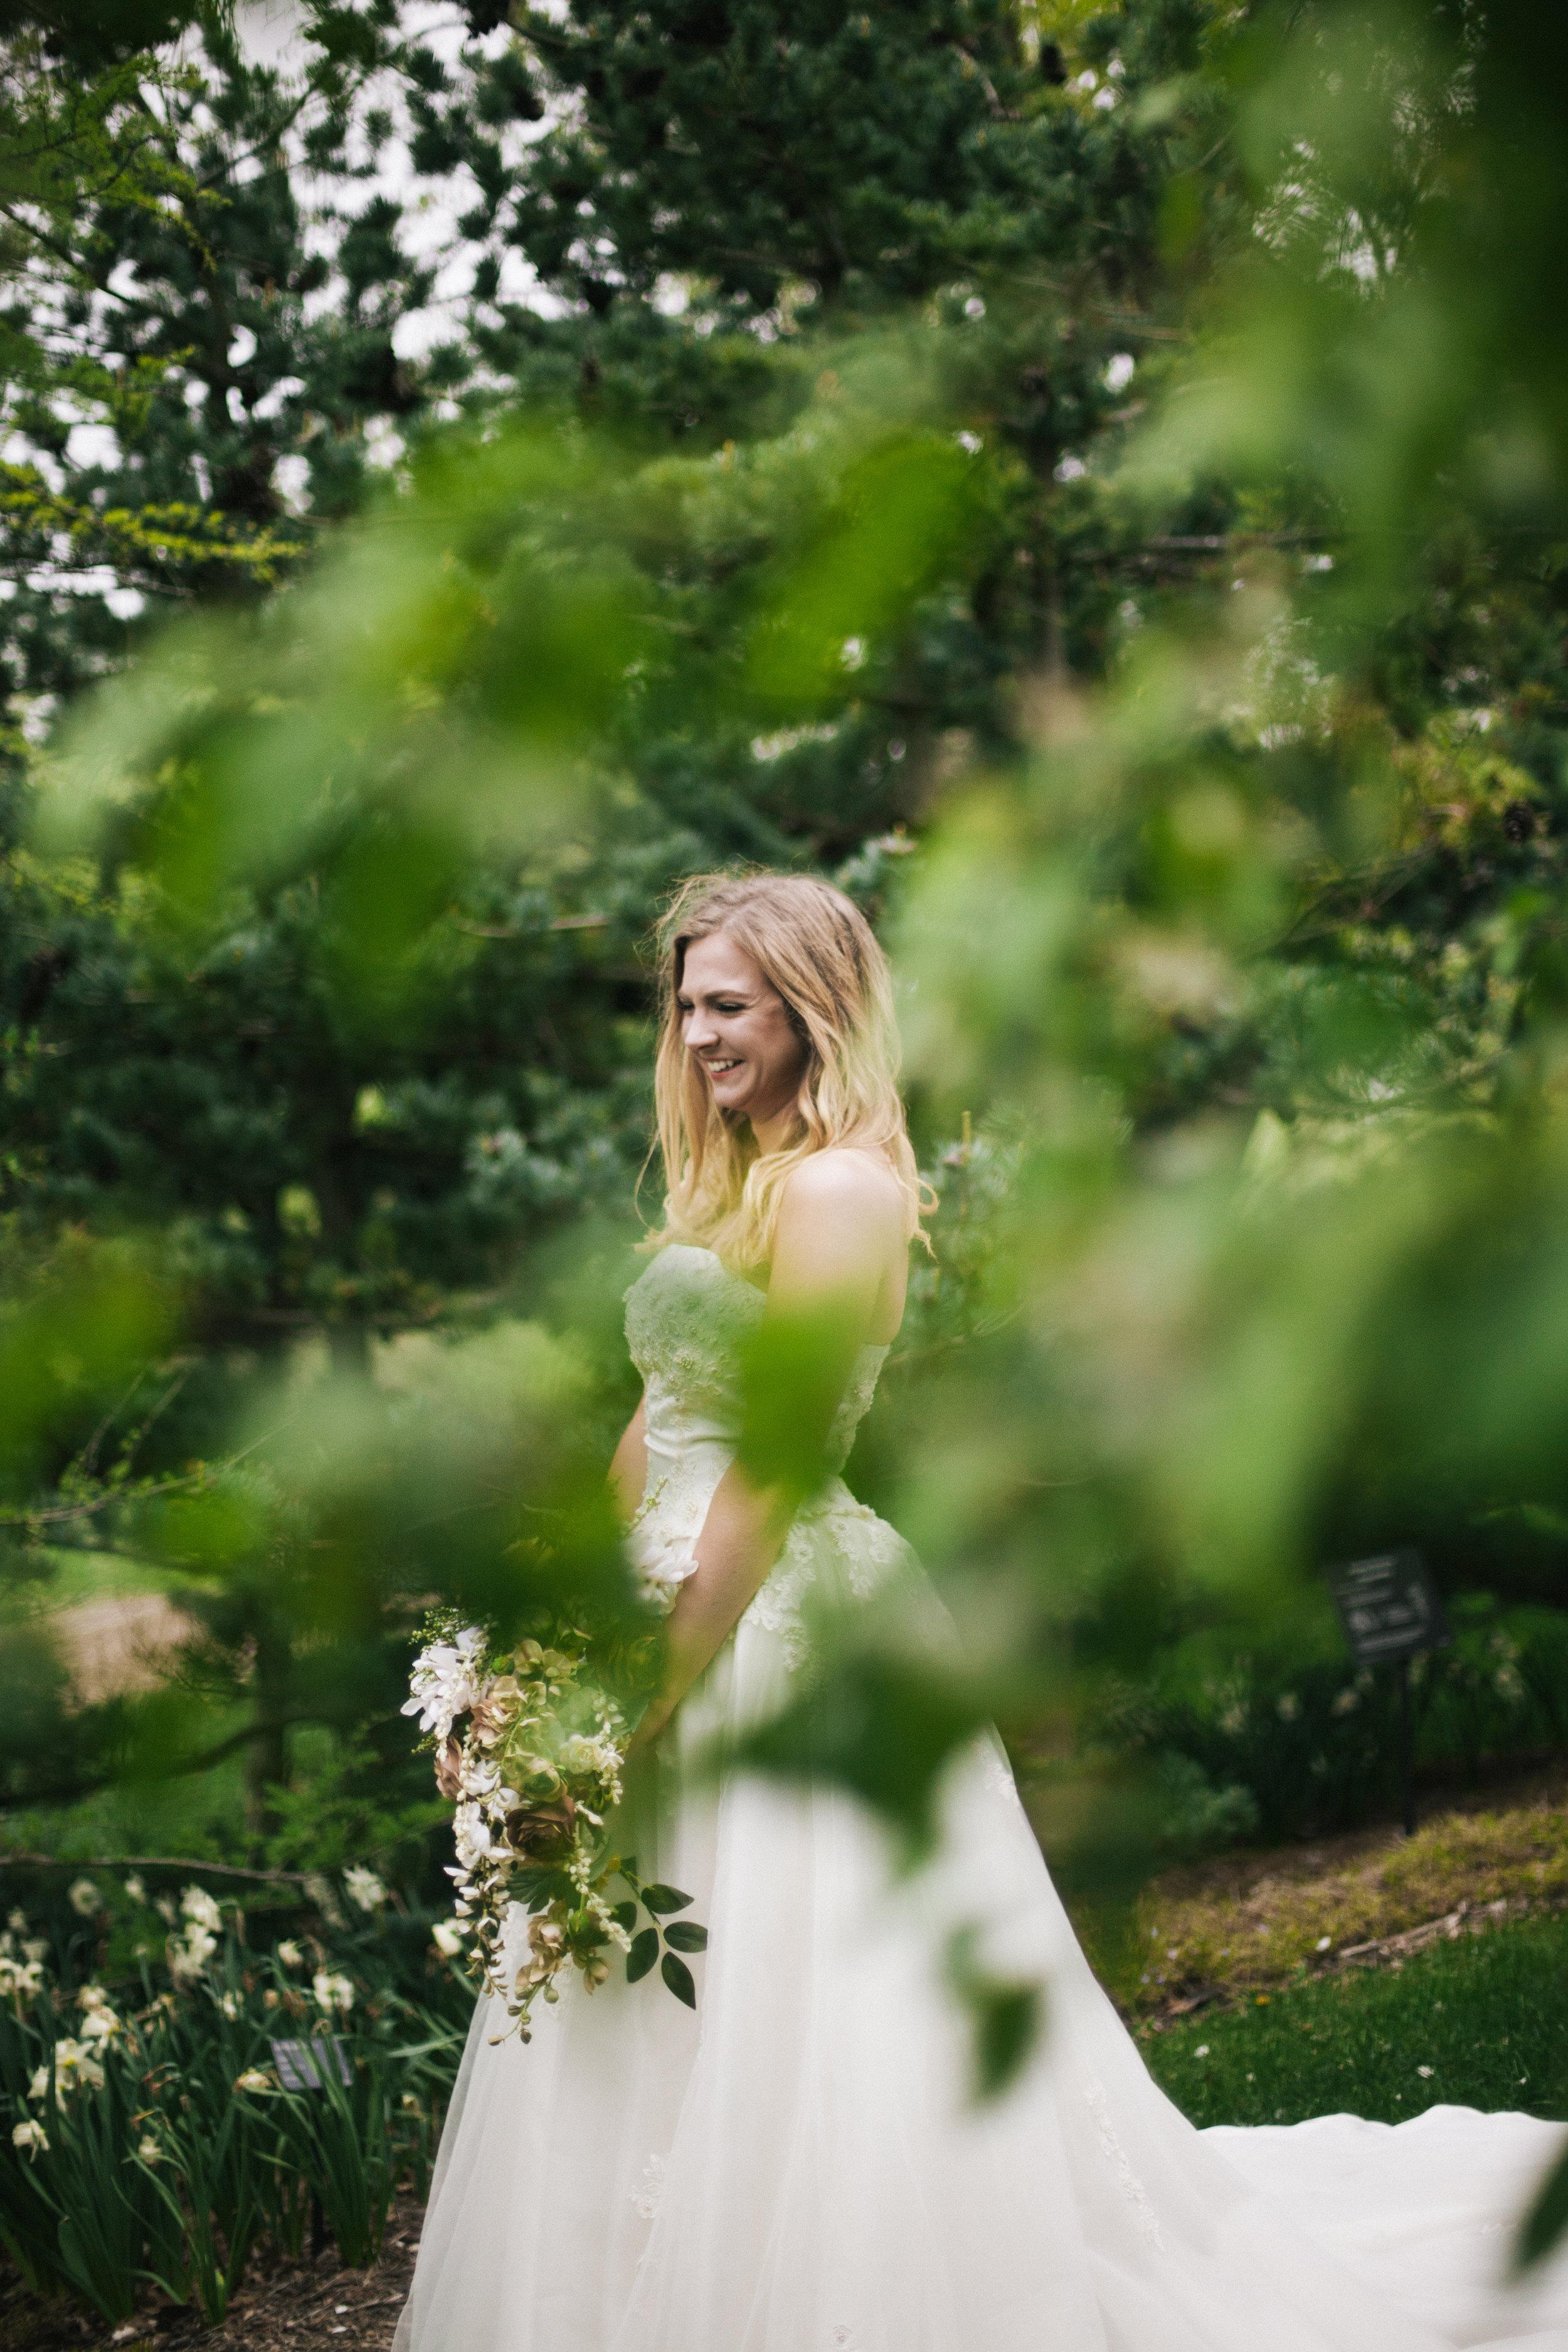 Hannah+Matt_BridalSession-149.jpg